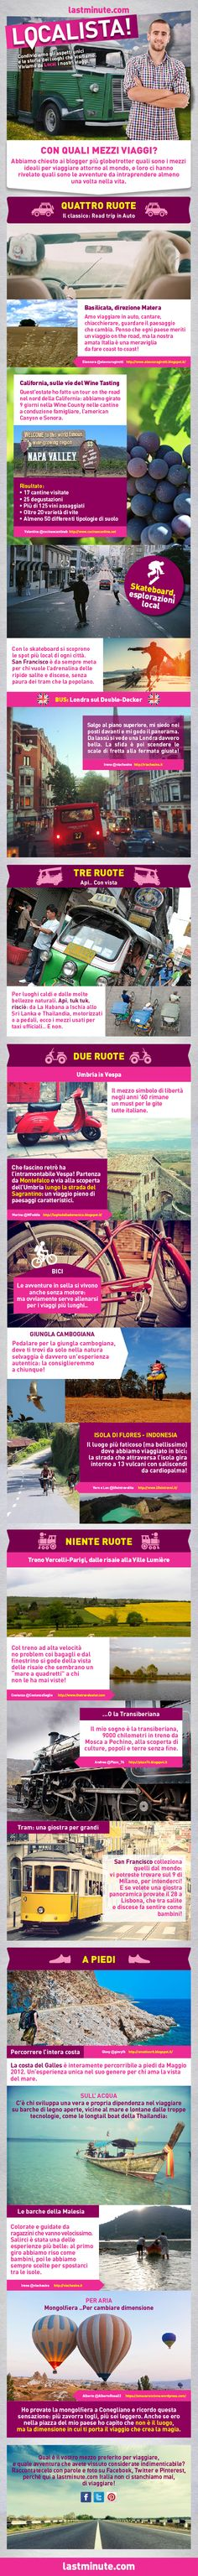 Avete mai pensato a quali sono i mezzi ideali per vivere al meglio i vostri #viaggi in giro per il mondo?  Lo abbiamo chiesto ai #blogger più #globetrotter. Diteci anche la vostra! #localista #viaggiare #auto #vespa #bici #skate #treno #travel